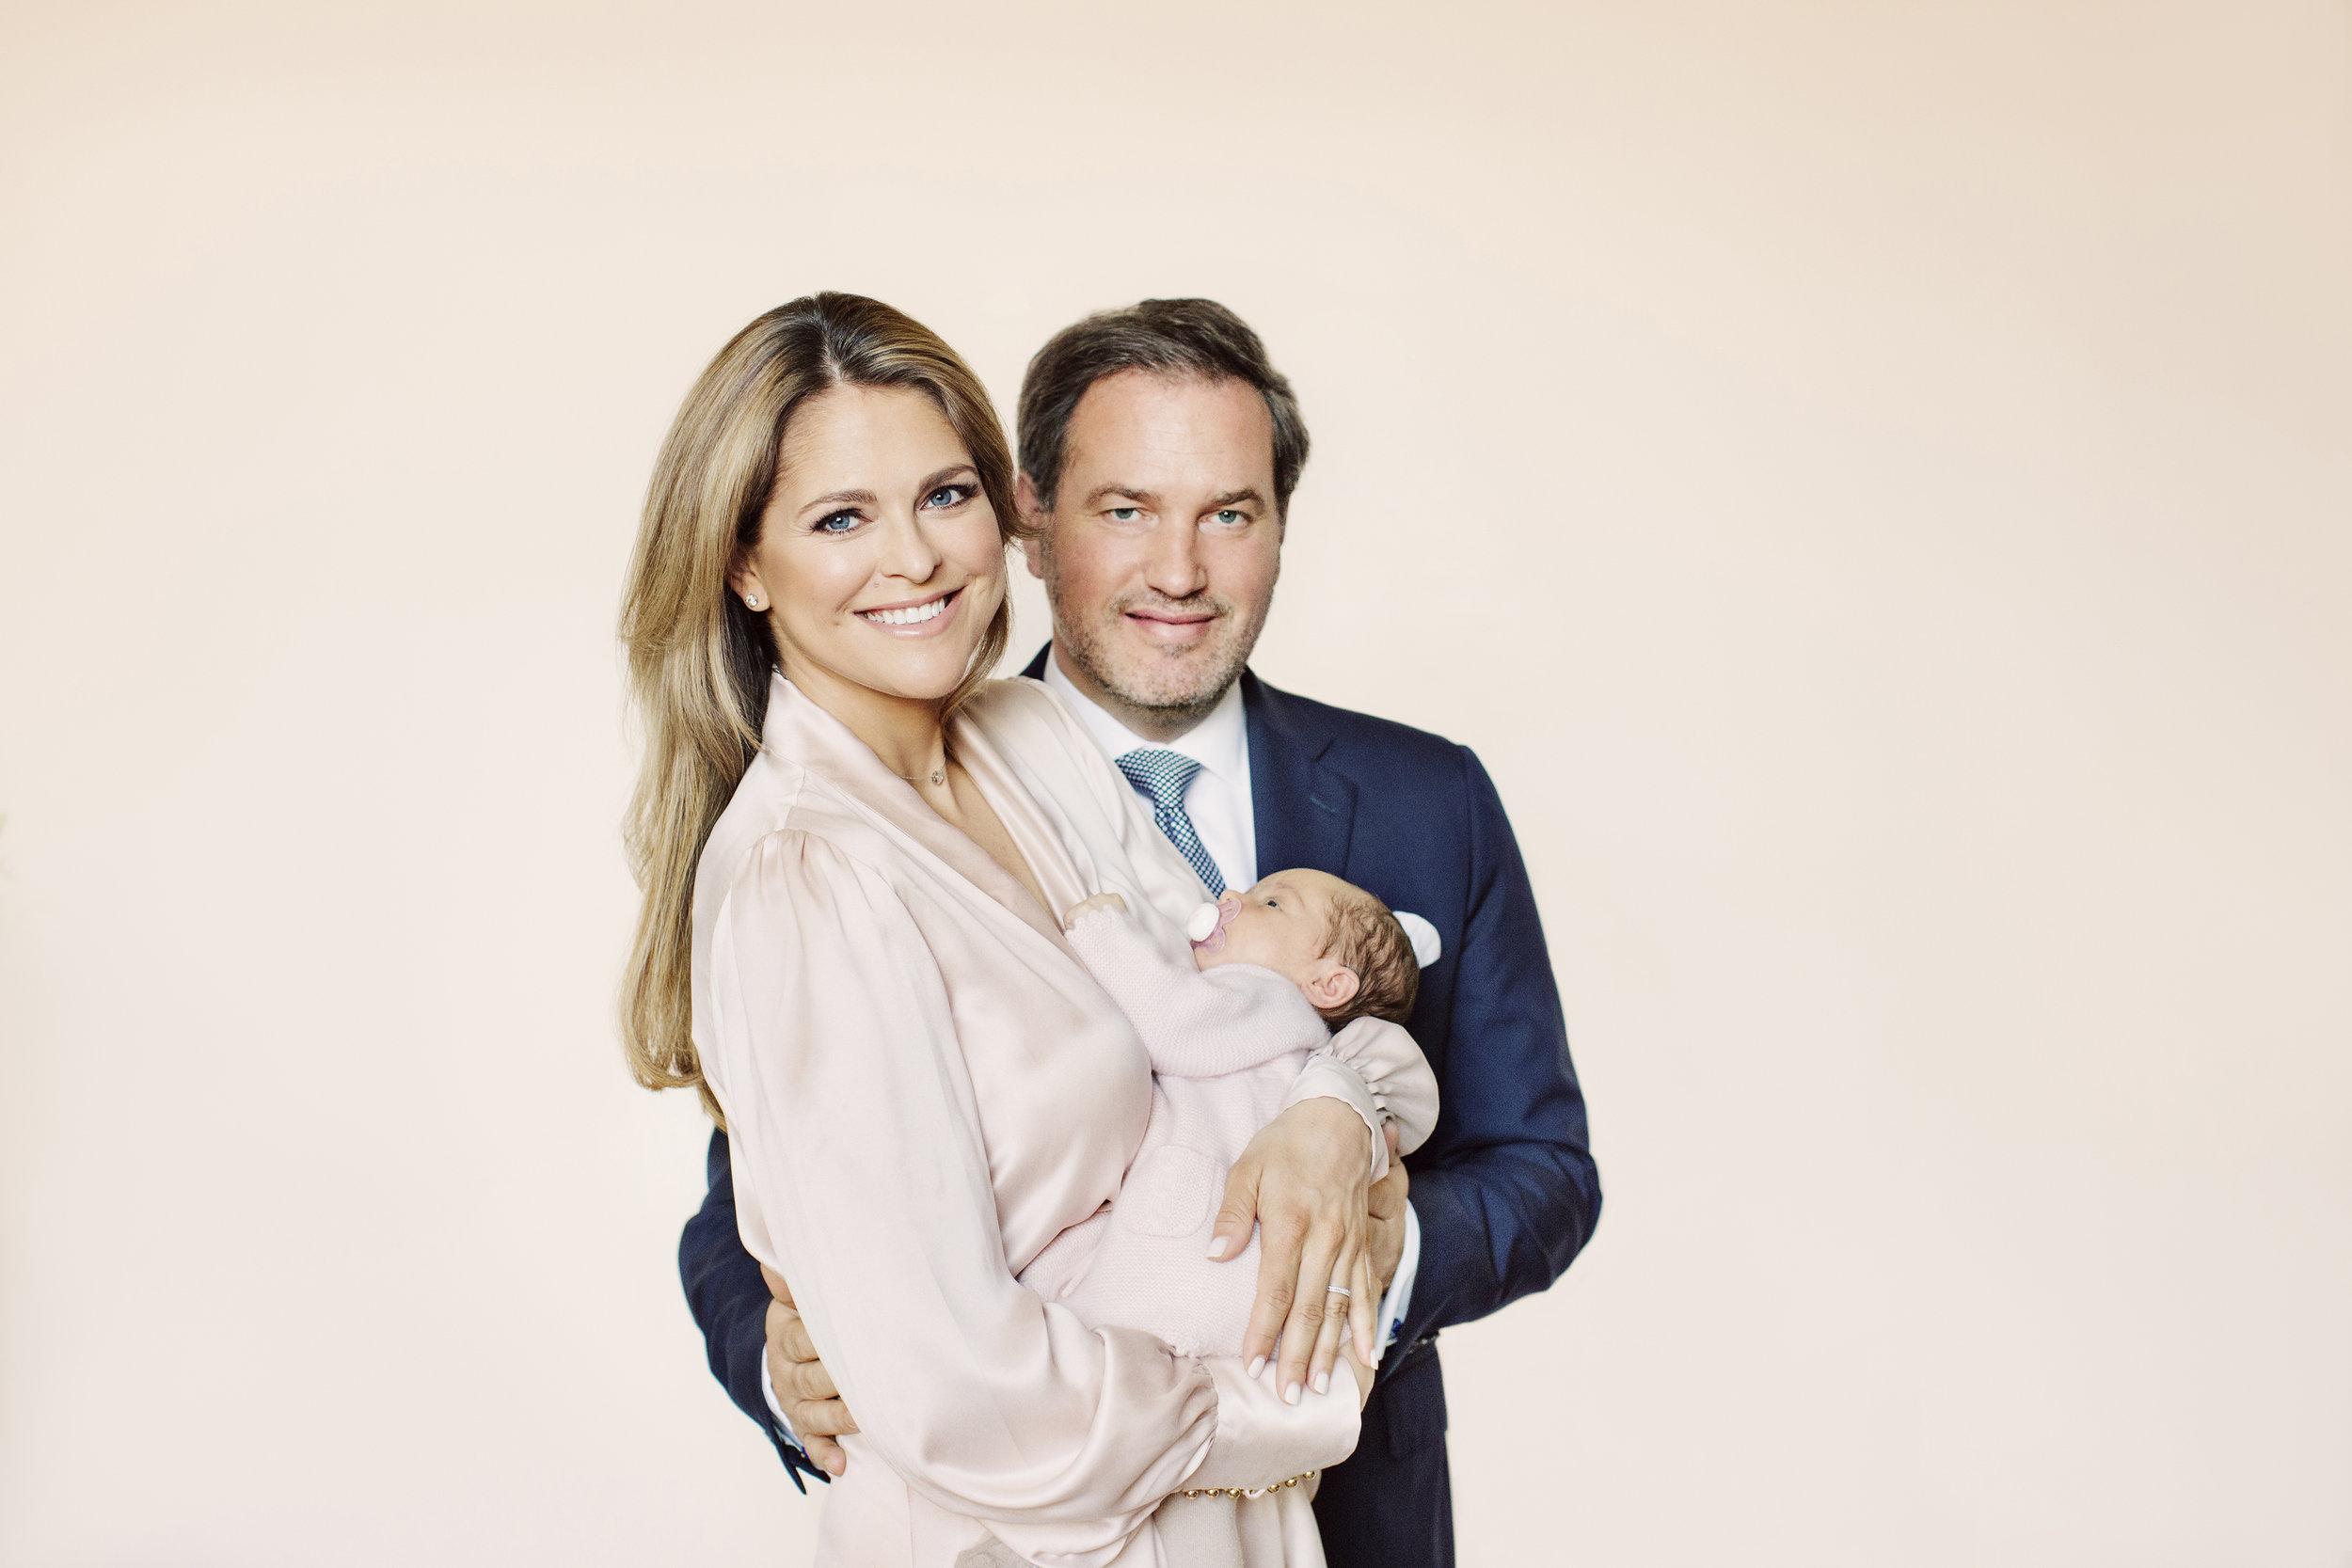 Für Prinzessin Madeleine und Christopher O'Neill ist Adrienne das dritte Kind.  ©Erika Gerdemark/Kungahuset.se